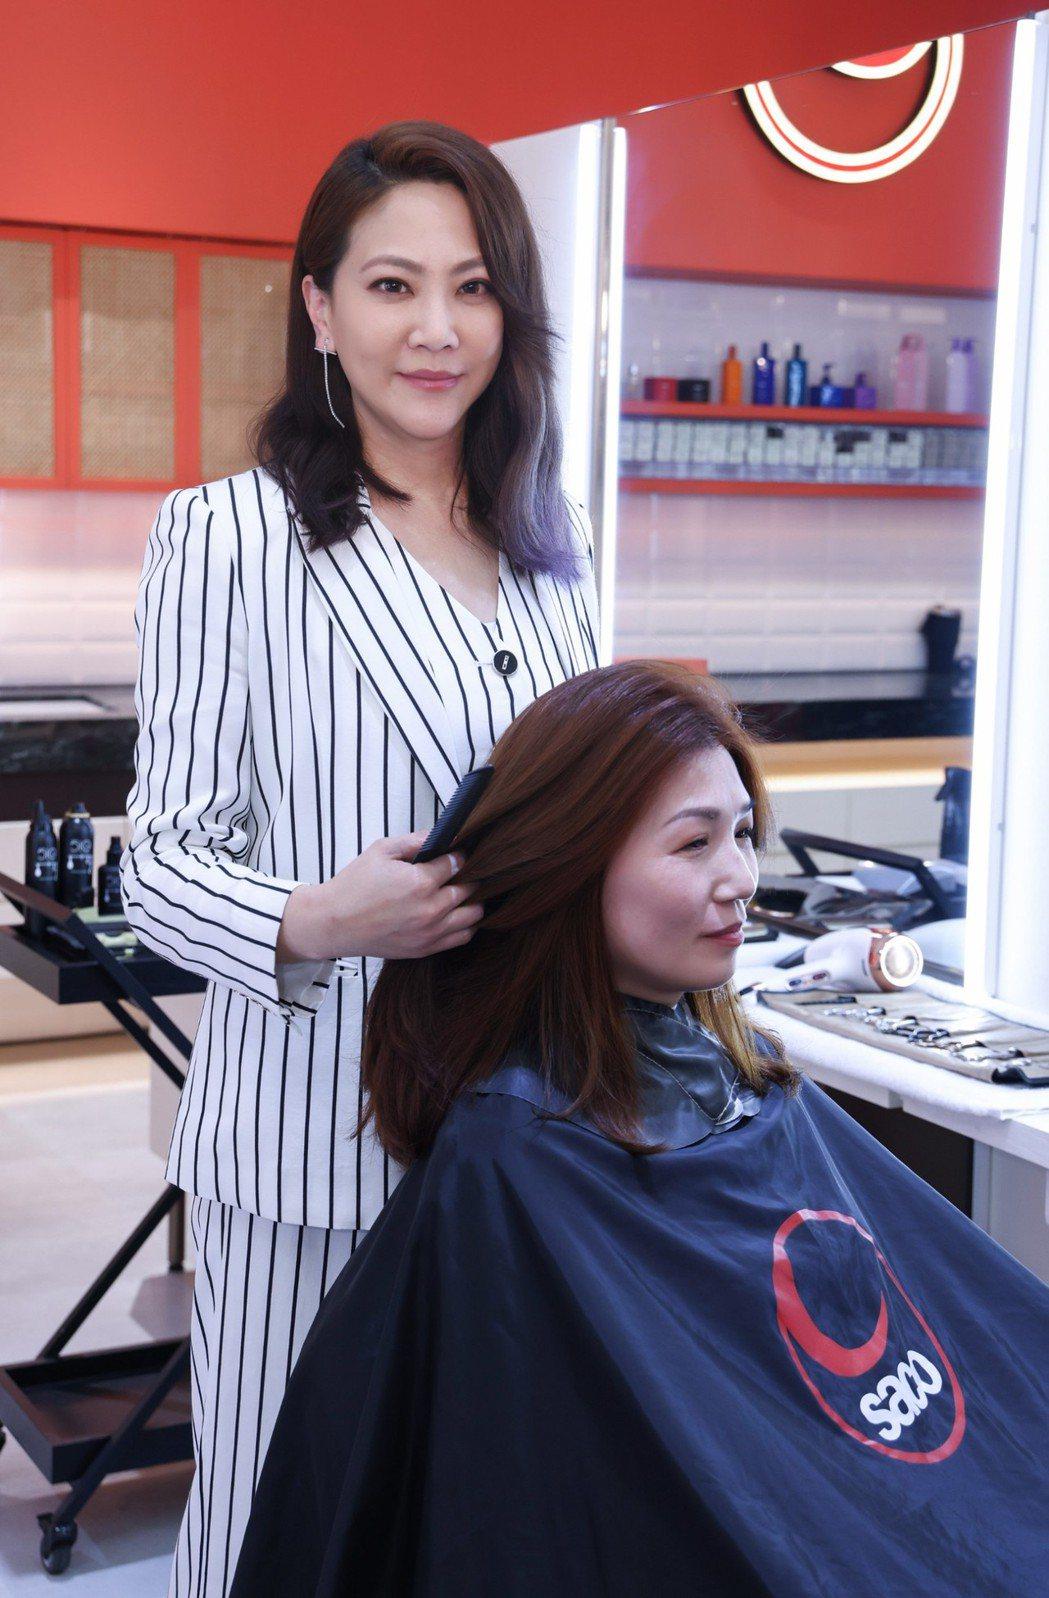 髮型師吳依霖出席SACO亞洲旗艦沙龍開幕會快閃義剪。SACO/提供